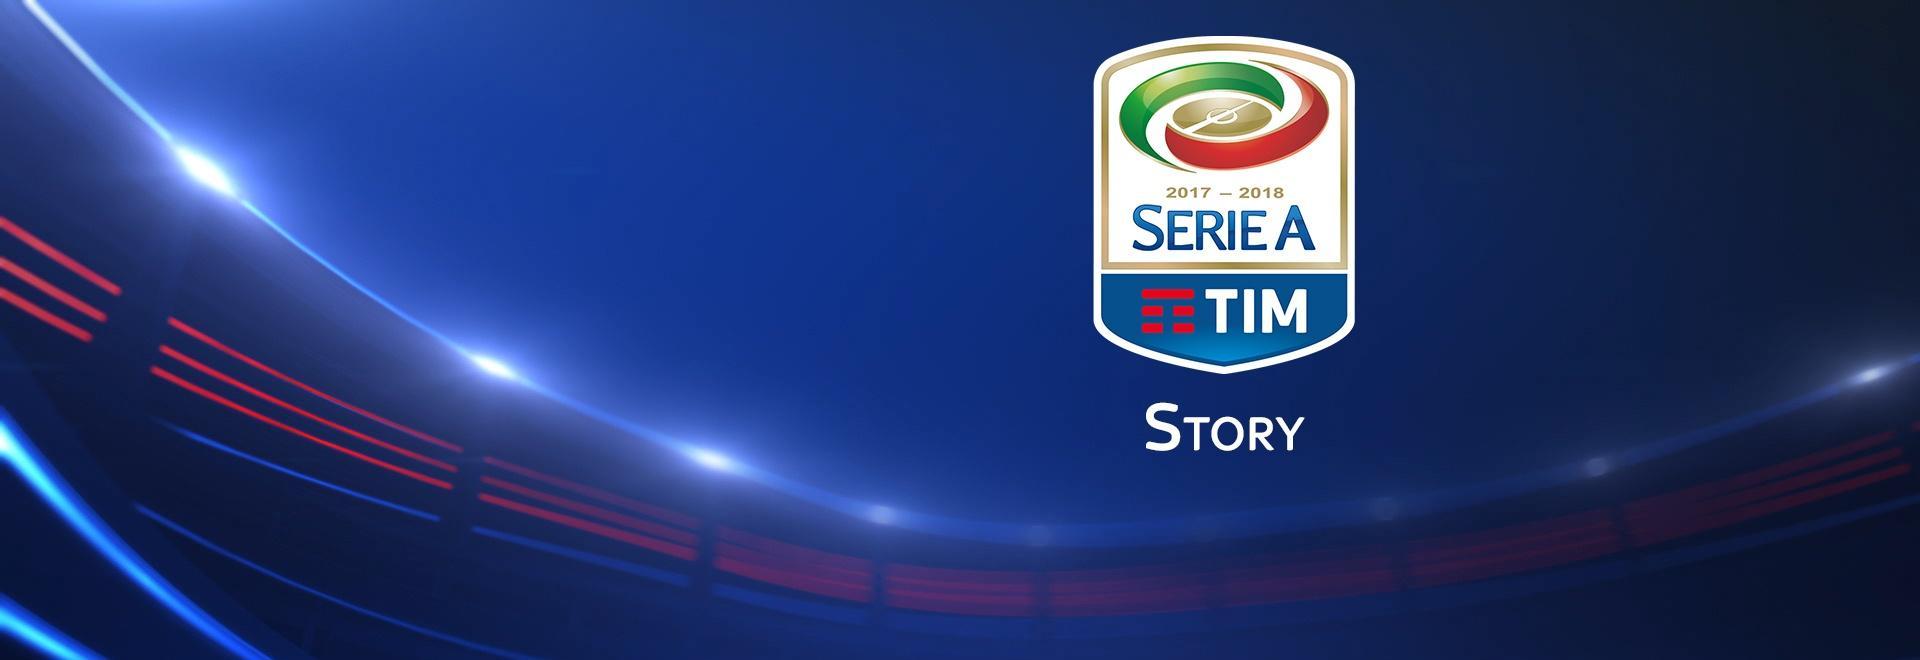 Inter - Fiorentina 20/08/17